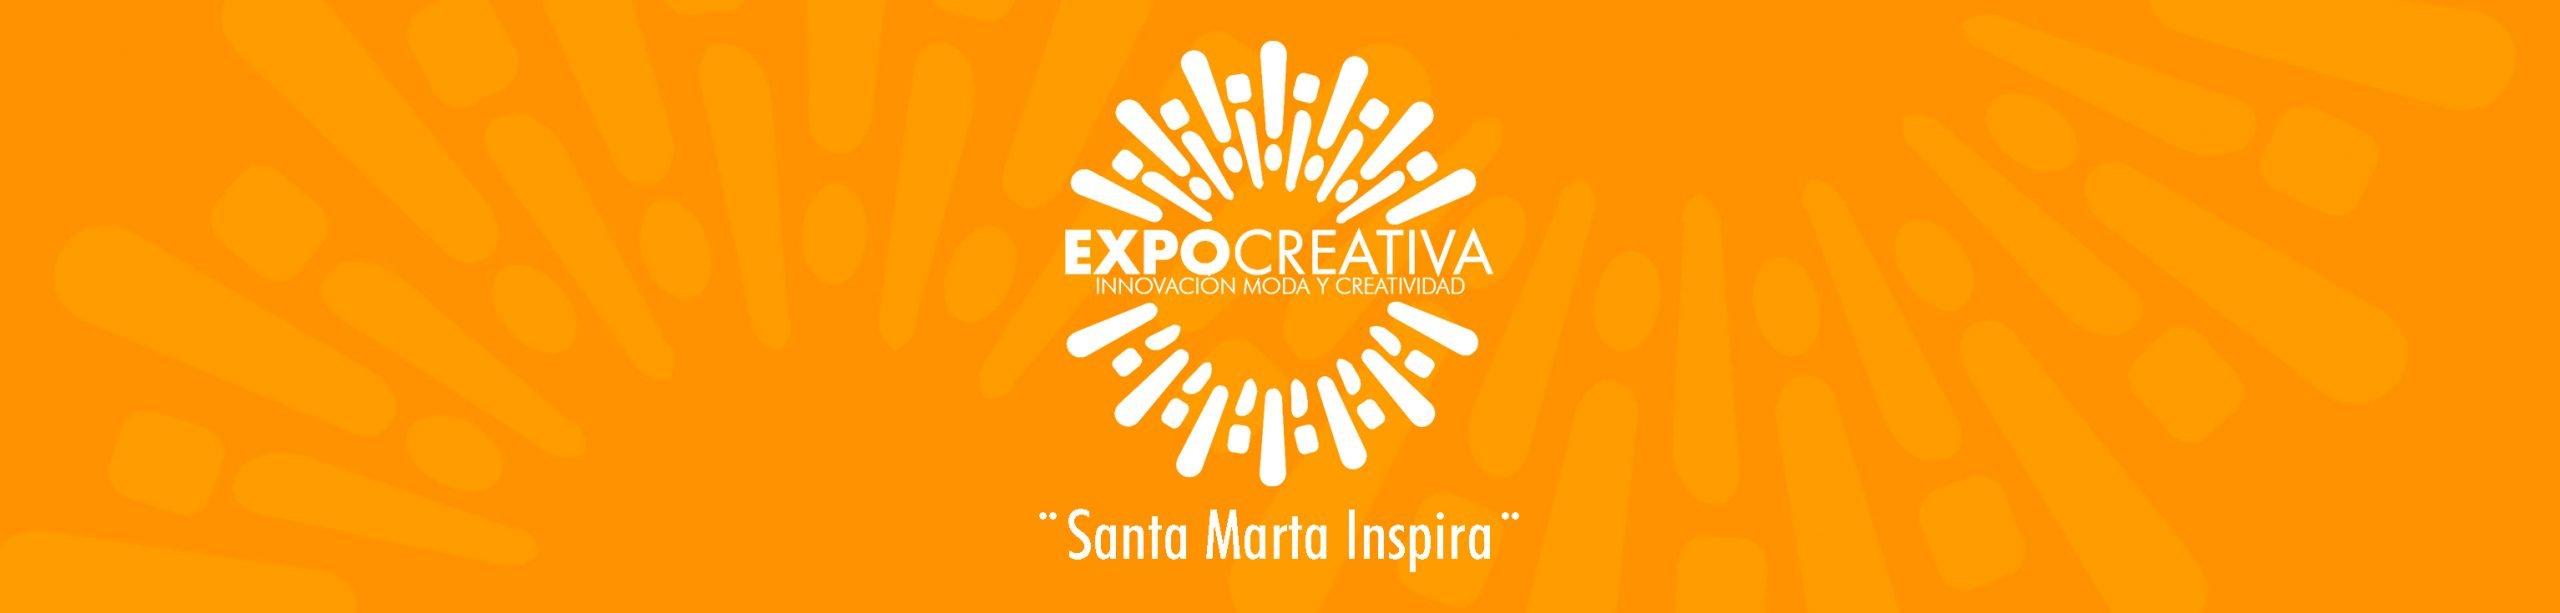 """¡Santa Marta Inspira! Expocreativa 2020 """"Innovación, Moda y Creatividad"""""""